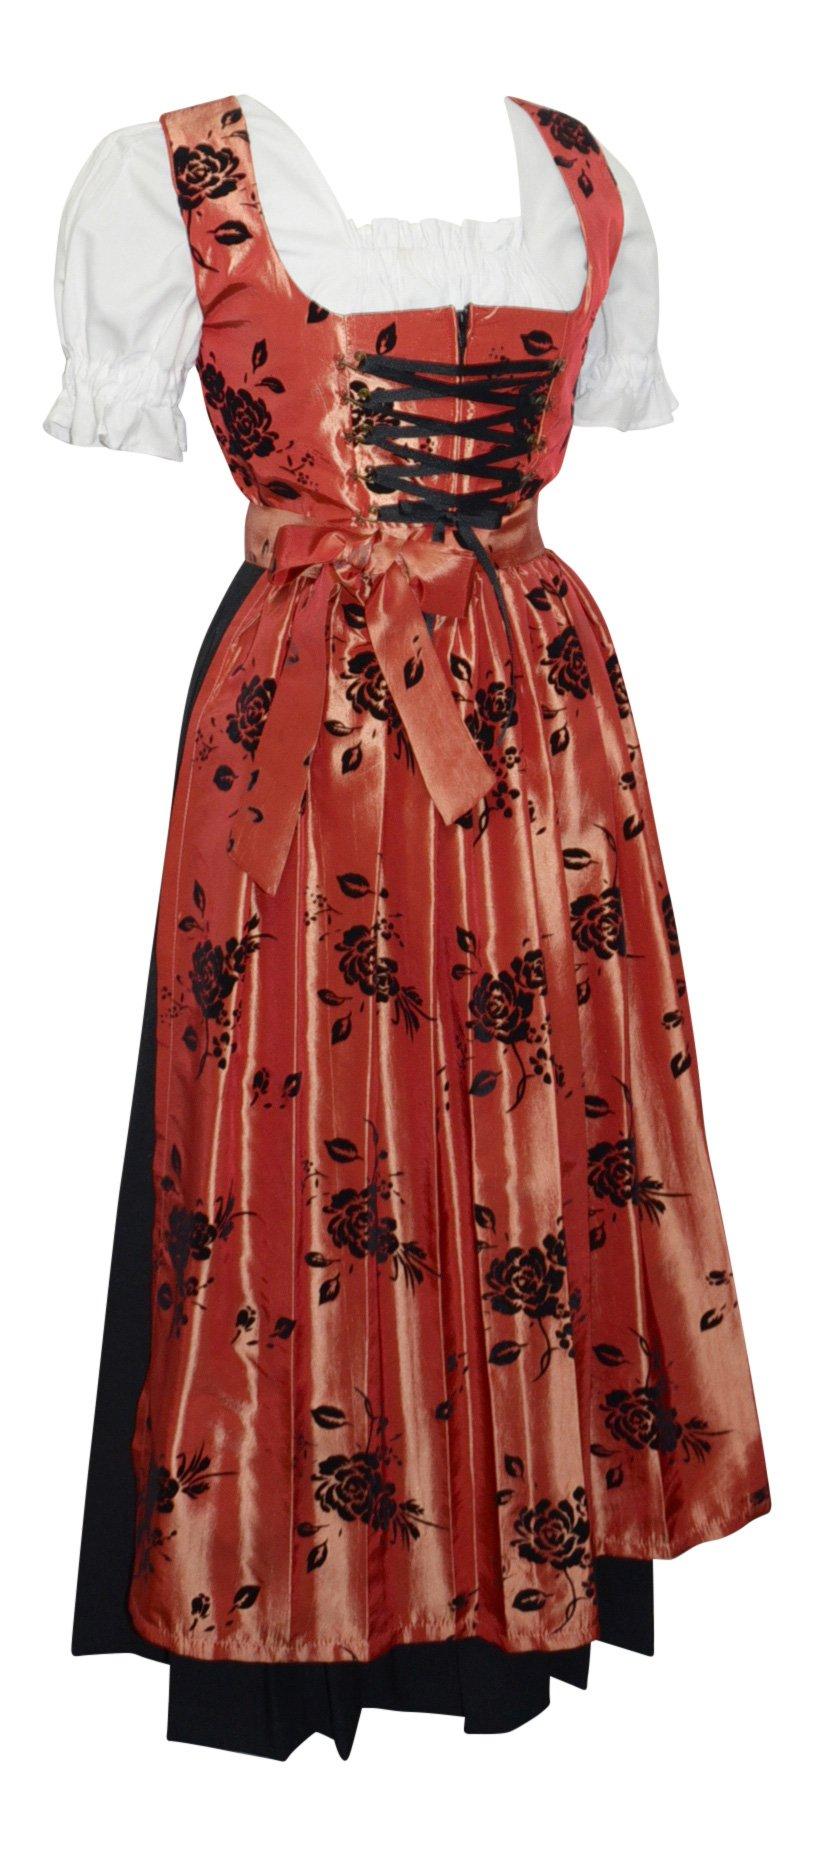 Almenrausch 3 Piece Long Black German Dirndl Dress by Almenrausch